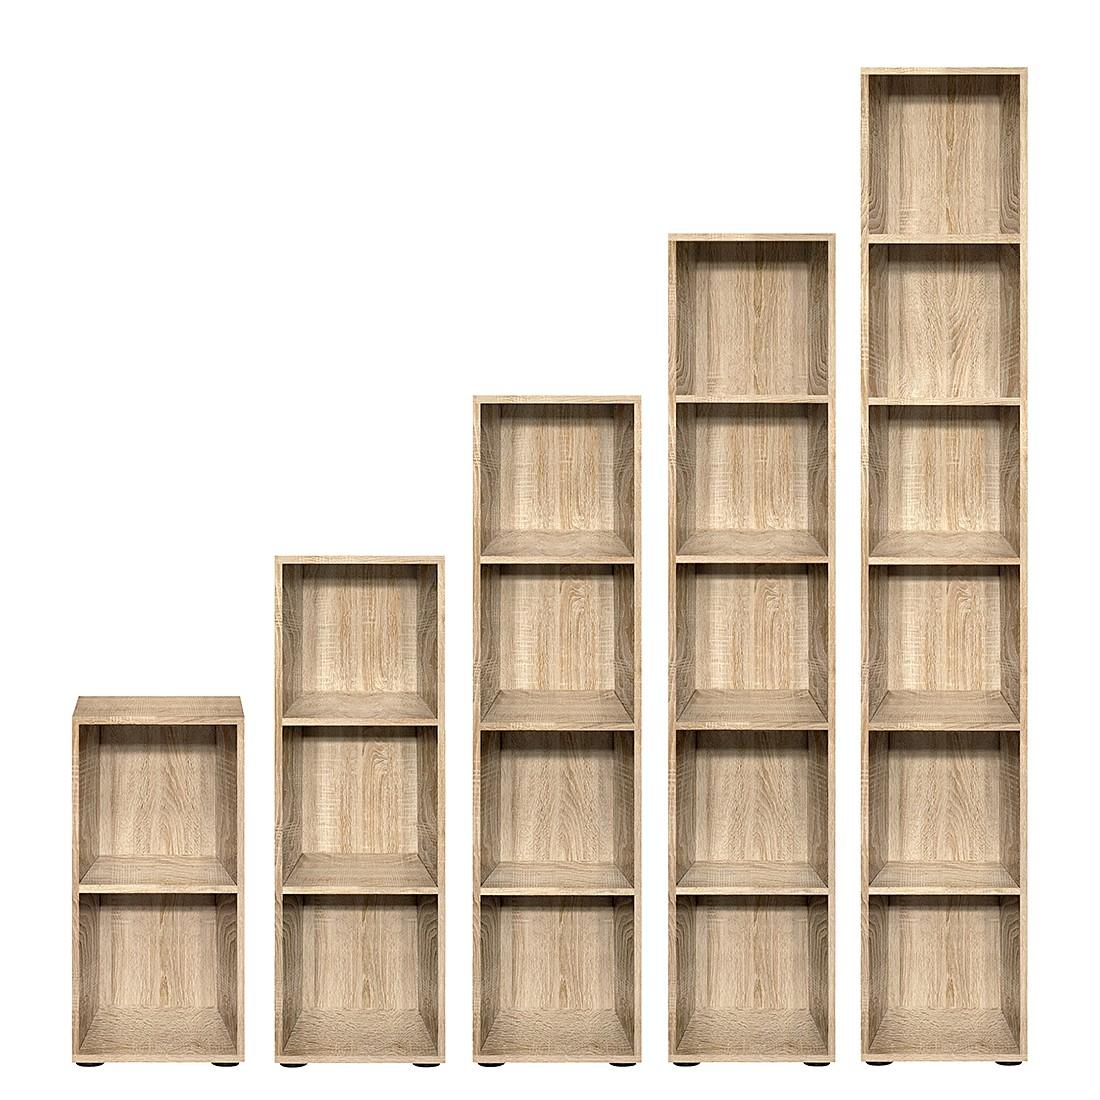 Regal Carry – Eiche Dekor – 4 Ordnerhöhen, Höhe: 144cm, Arte M jetzt bestellen